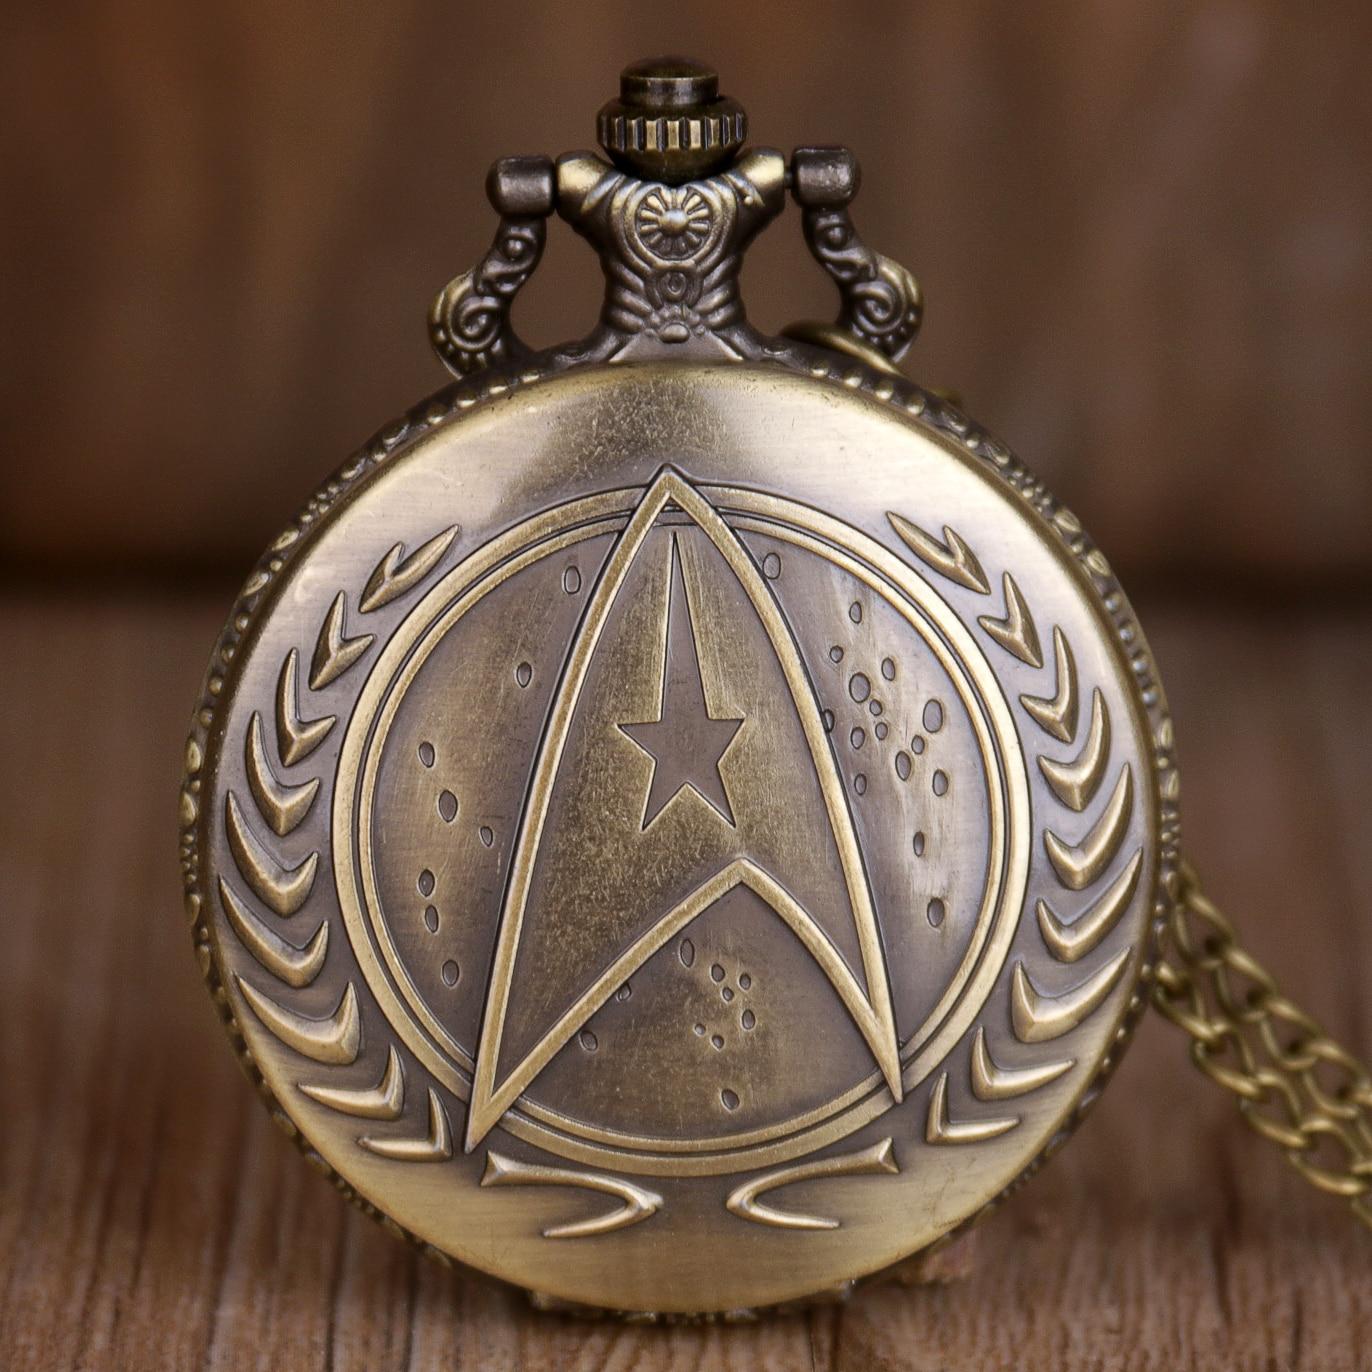 Vintage Bronze Quartz Pocket Watch Steampunk Men Boy Pocket Watches Necklace Chain Gift Relogio De Bolso